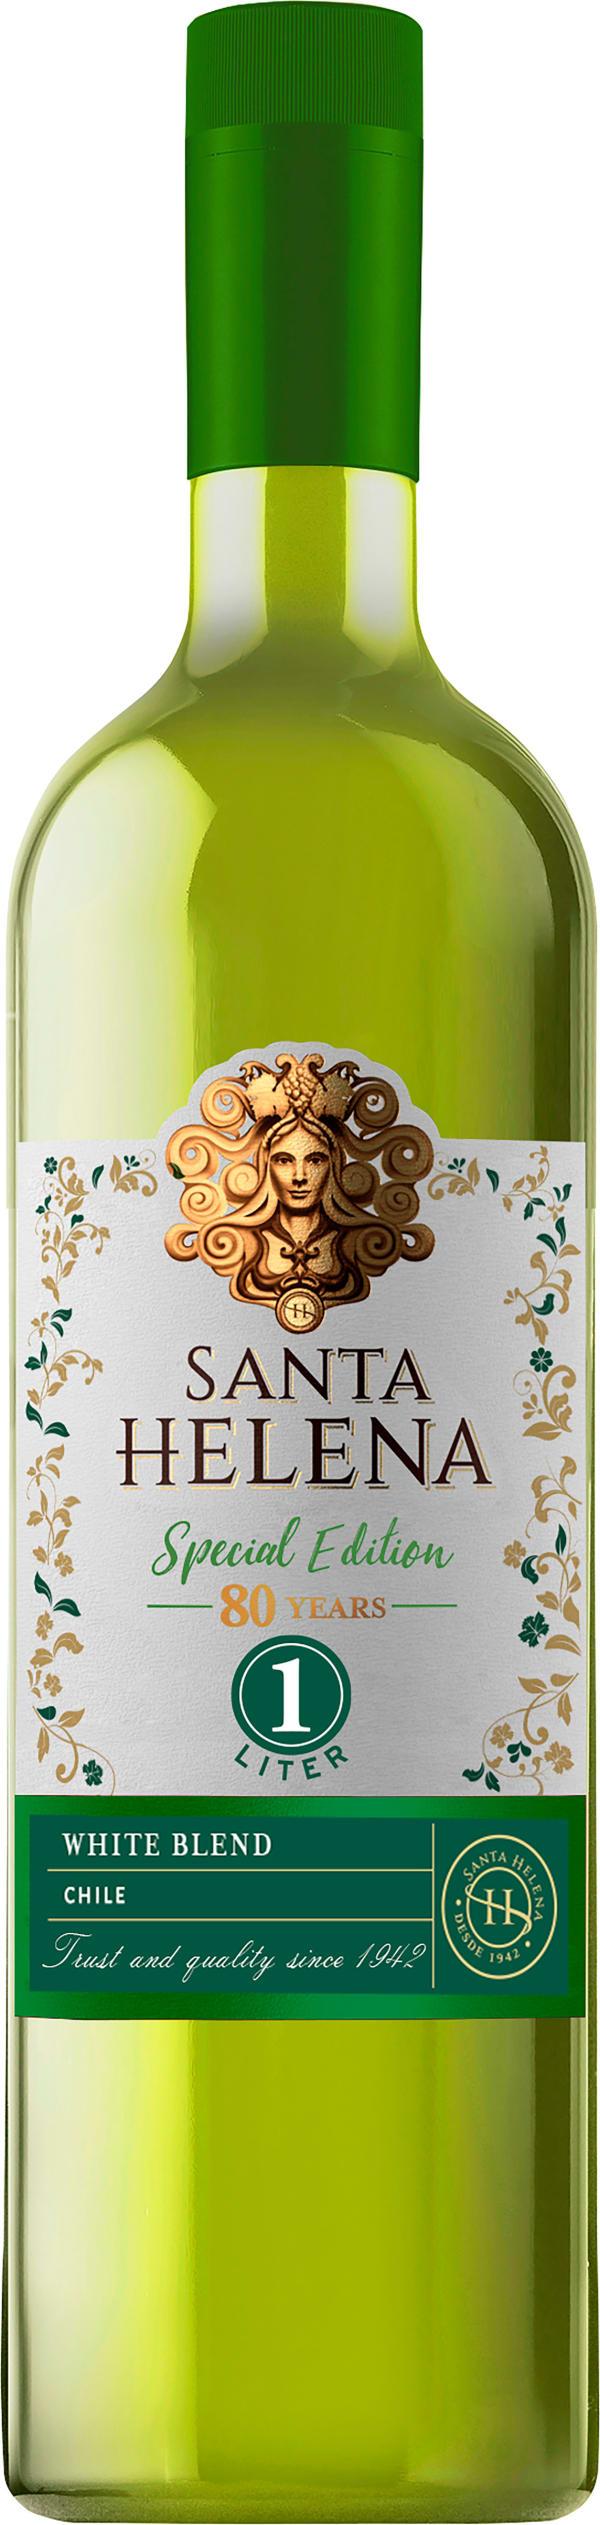 Santa Helena Varietal White Blend 2018 plastic bottle